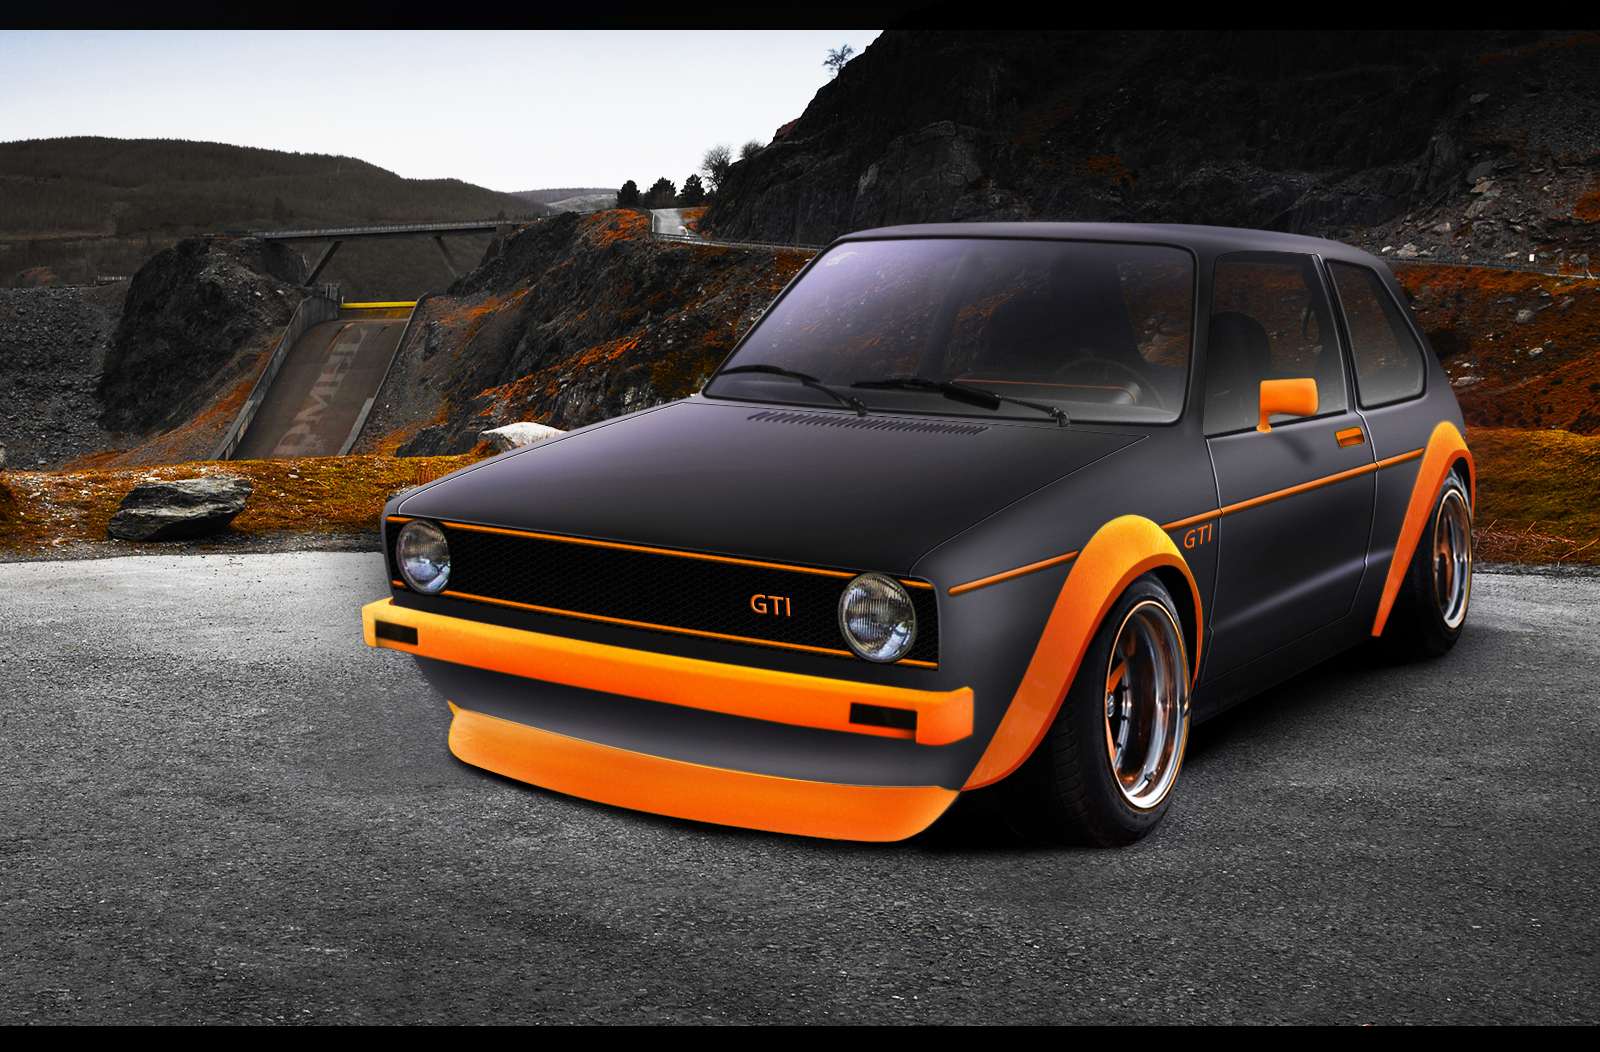 golf gti matte black orange automotive. Black Bedroom Furniture Sets. Home Design Ideas